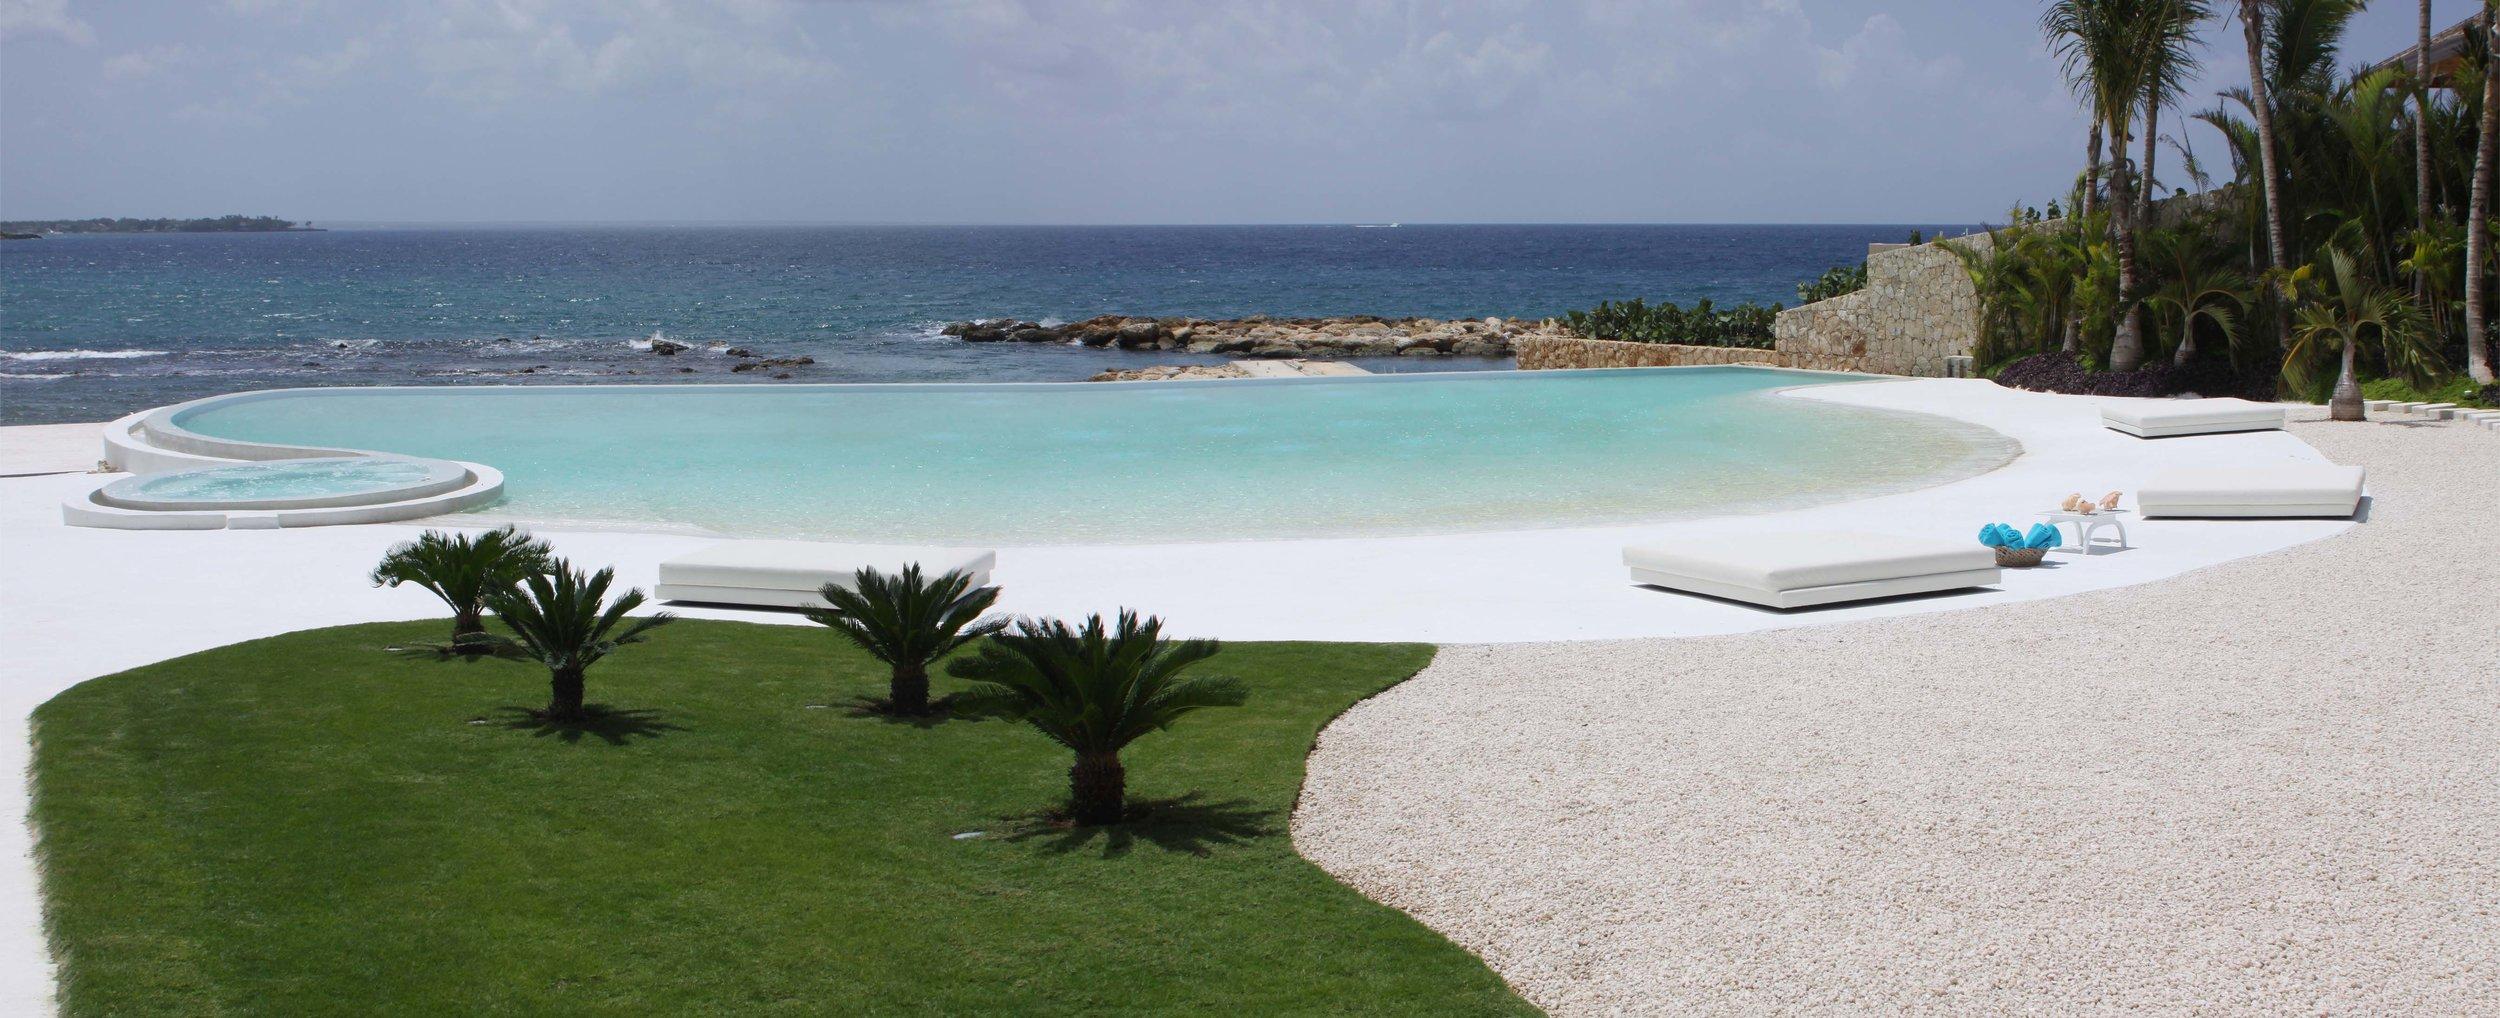 piscina-y-vista-mb1.jpg